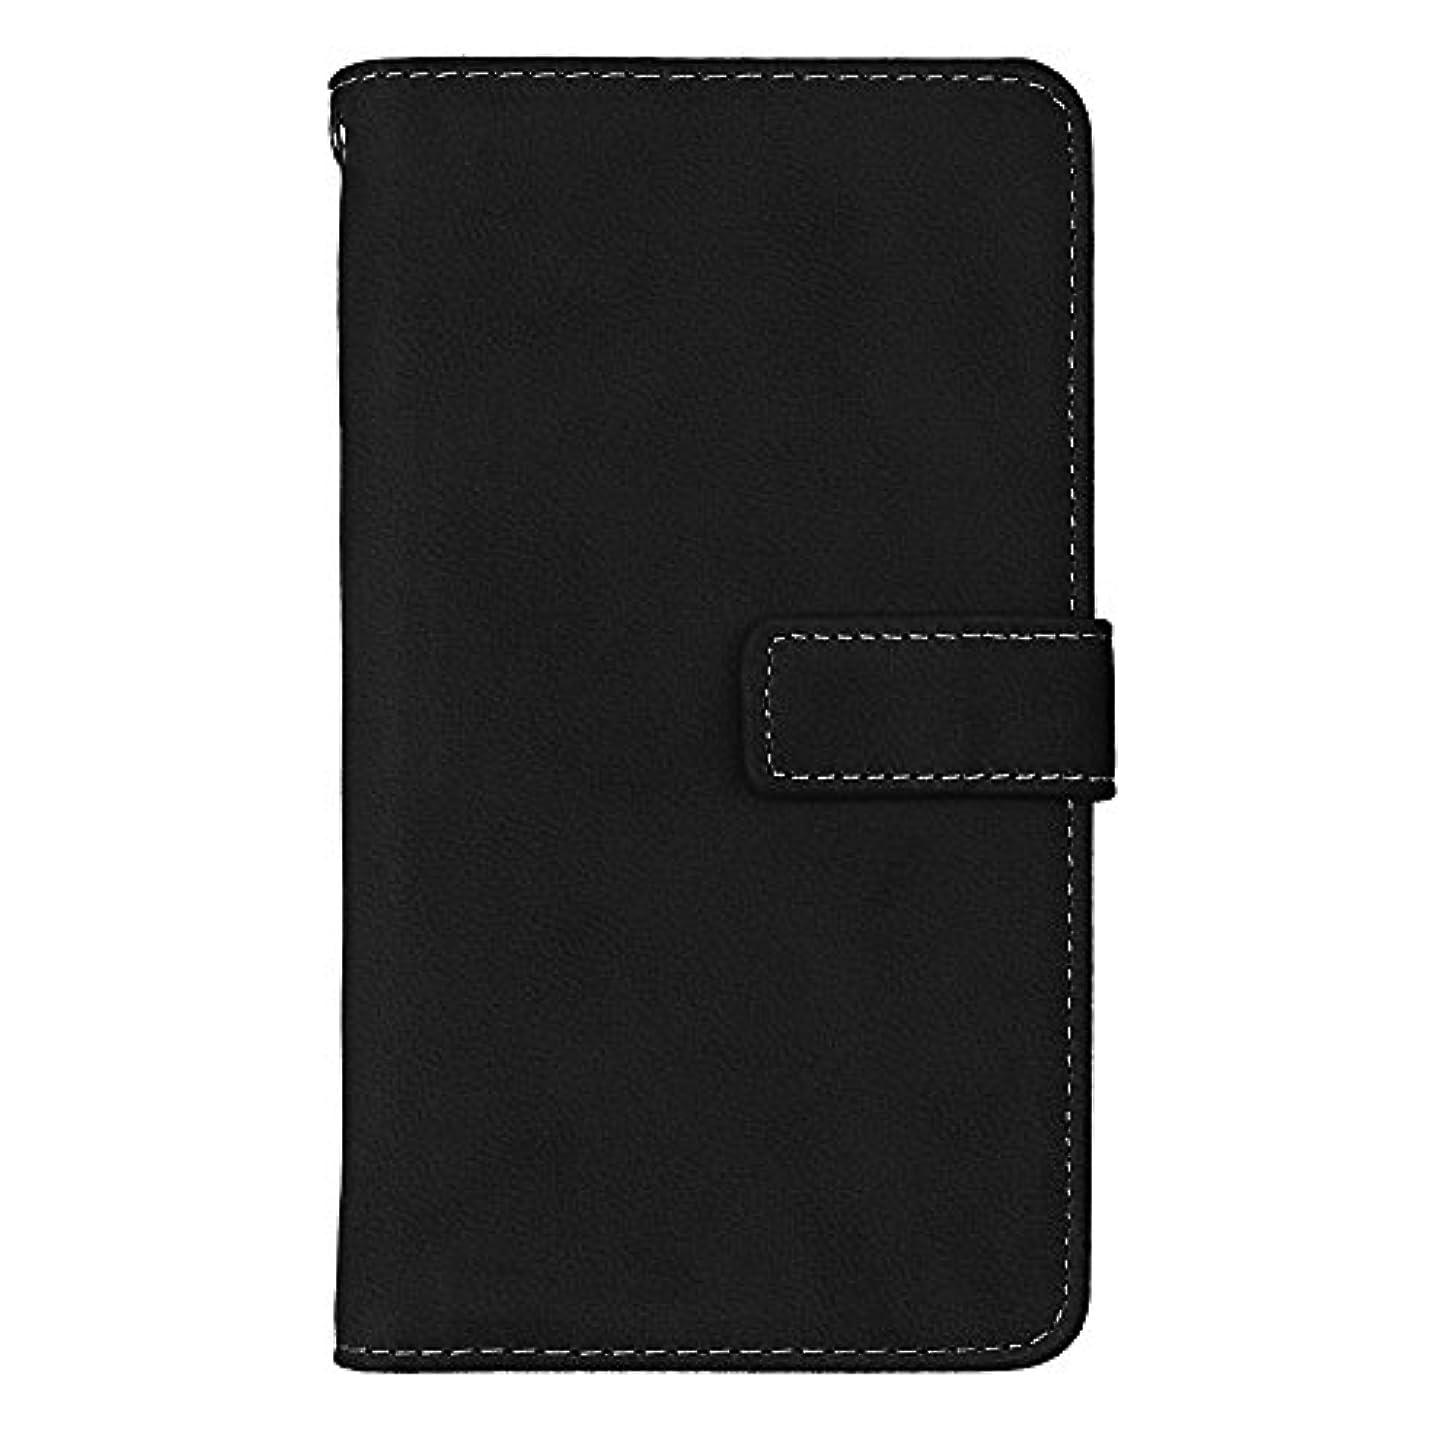 パーティション徒歩でほうきGalaxy J5 2016 高品質 マグネット ケース, CUNUS 携帯電話 ケース 軽量 柔軟 高品質 耐摩擦 カード収納 カバー Samsung Galaxy J5 2016 用, ブラック